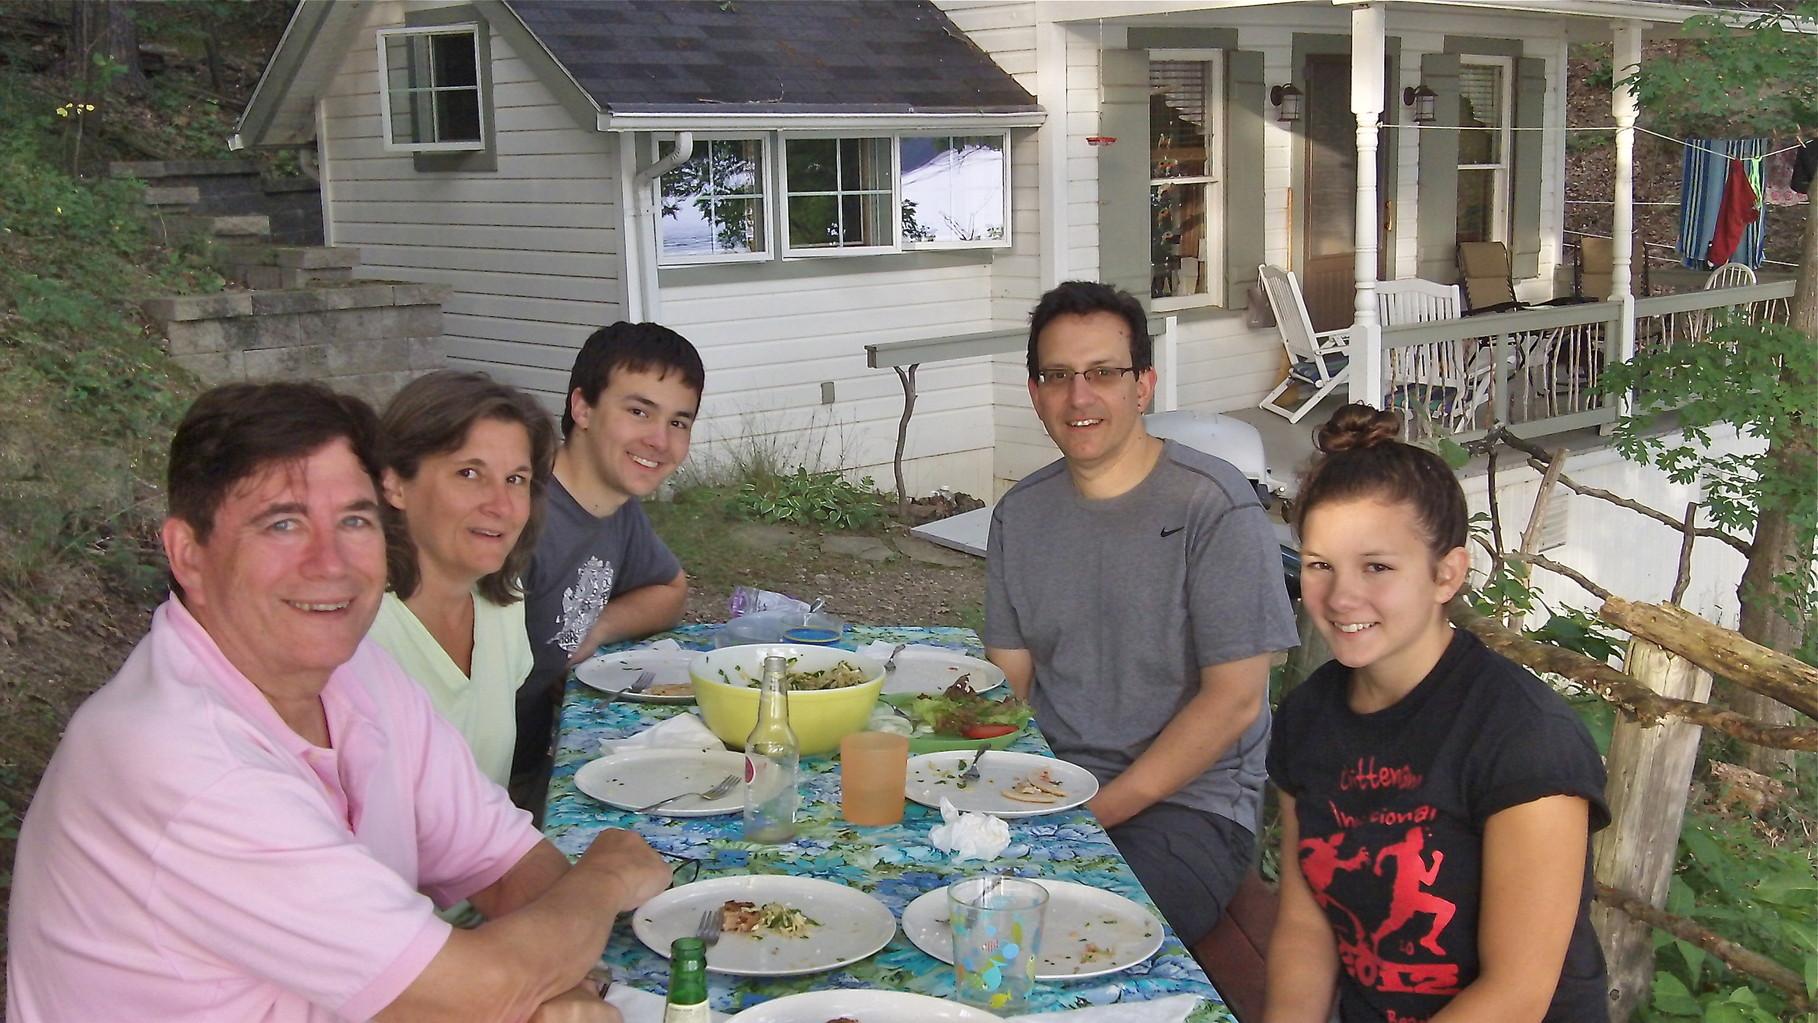 John Wagner, Cyndi, Trevan & Nick Signorelli, Sara, Aug. 2014 at Cyndi &